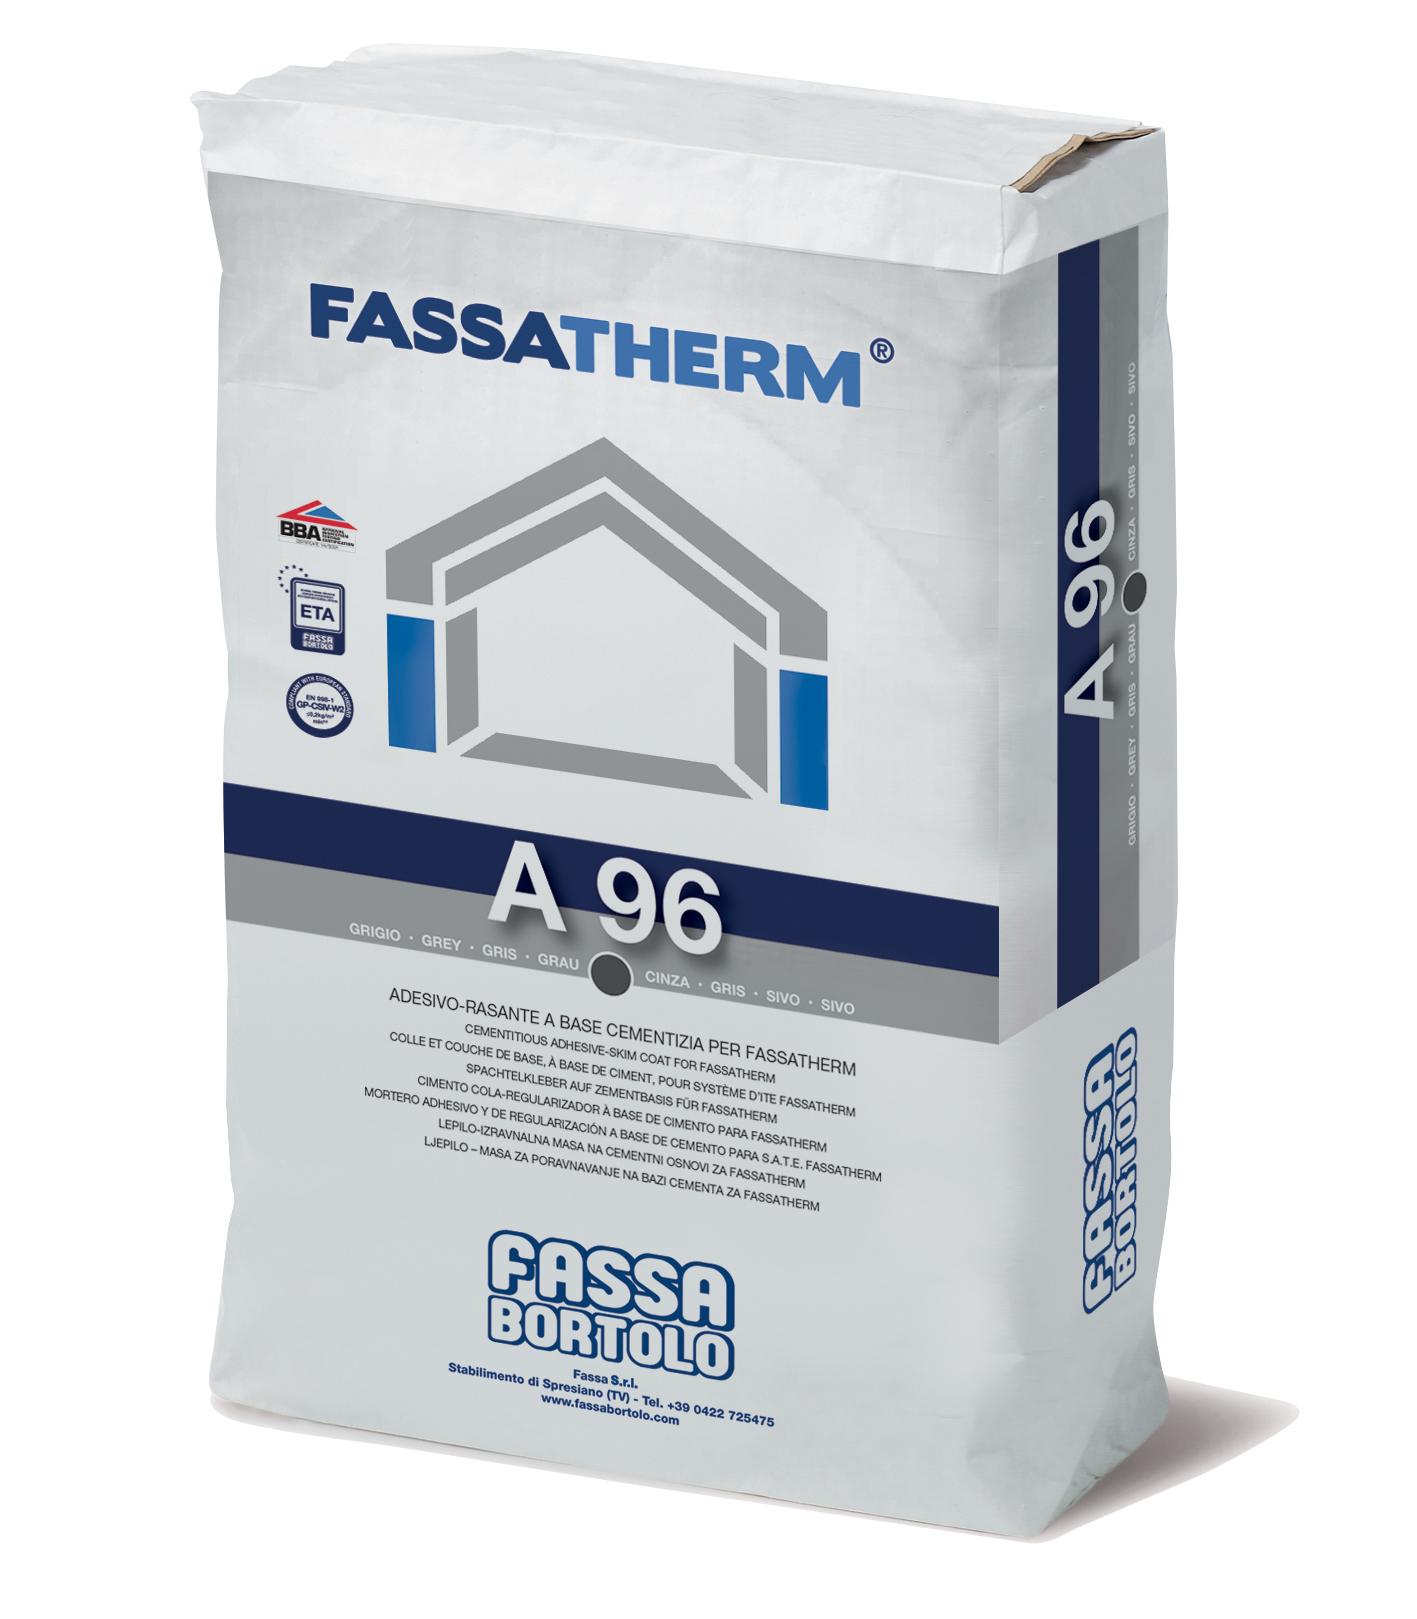 A 96: Collante-Rasante fibrato a base cementizia grigio e bianco per Sistemi Fassatherm®